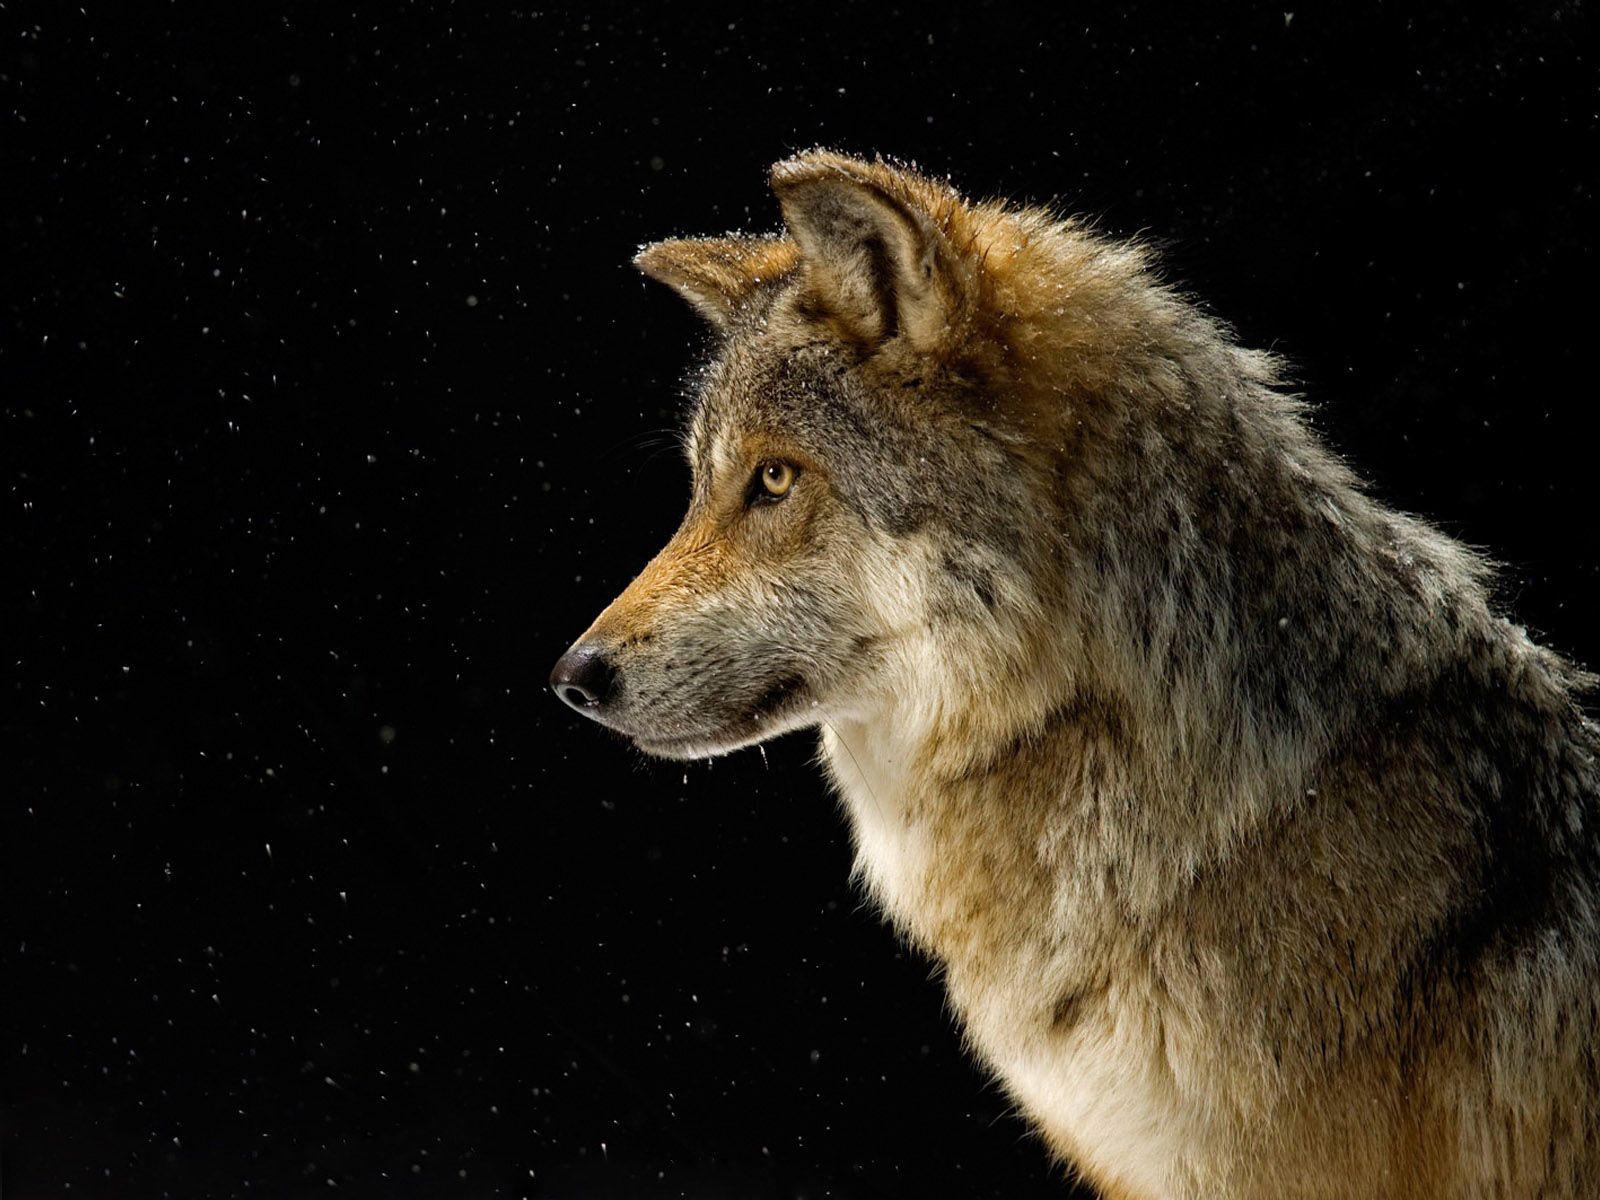 132388 Hintergrundbild herunterladen Tiere, Sky, Sterne, Schnee, Hund, Wolf - Bildschirmschoner und Bilder kostenlos